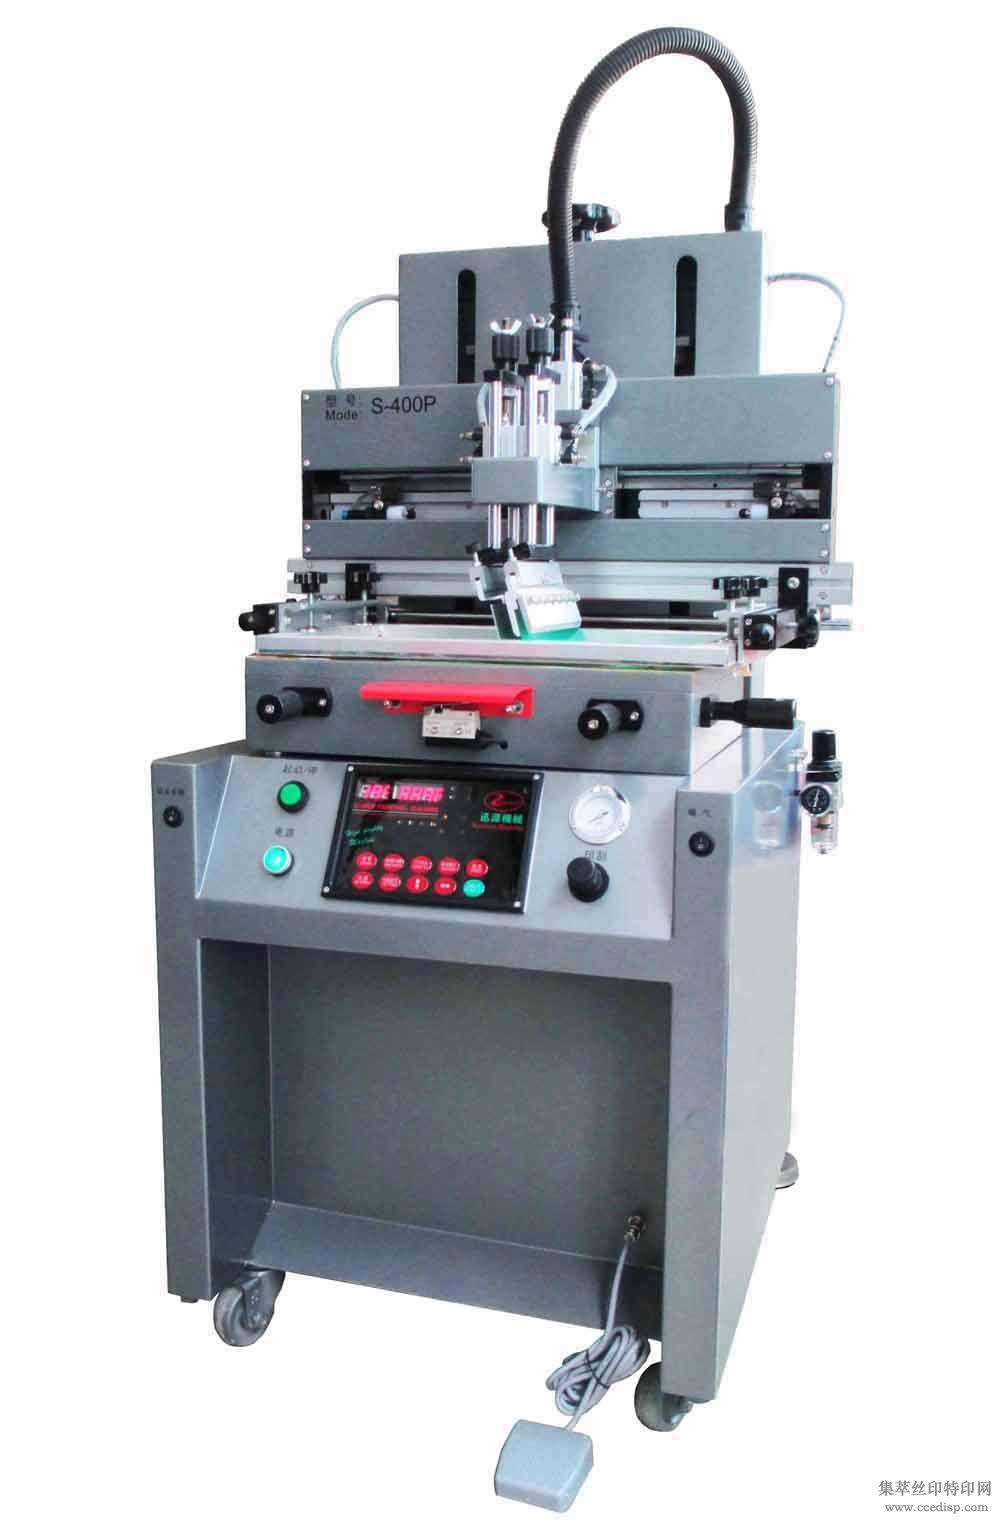 小型气动丝印机-S-400P半自动平面印刷机-东莞厂家